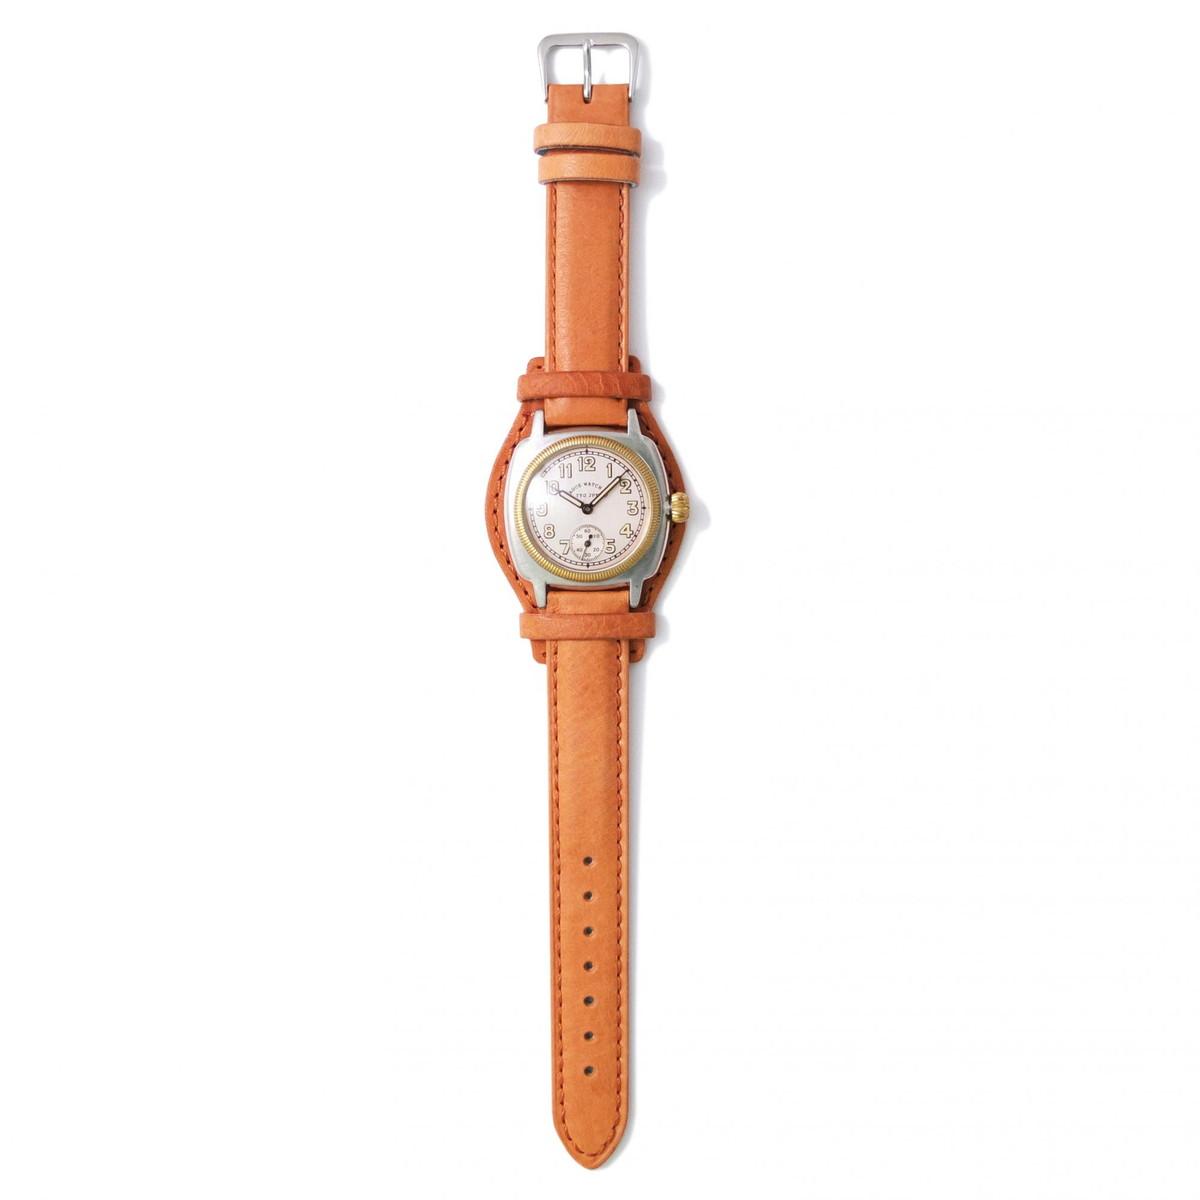 VAGUE WATCH ヴァーグ ウォッチ - VAGUE WATCH EARLY 腕時計